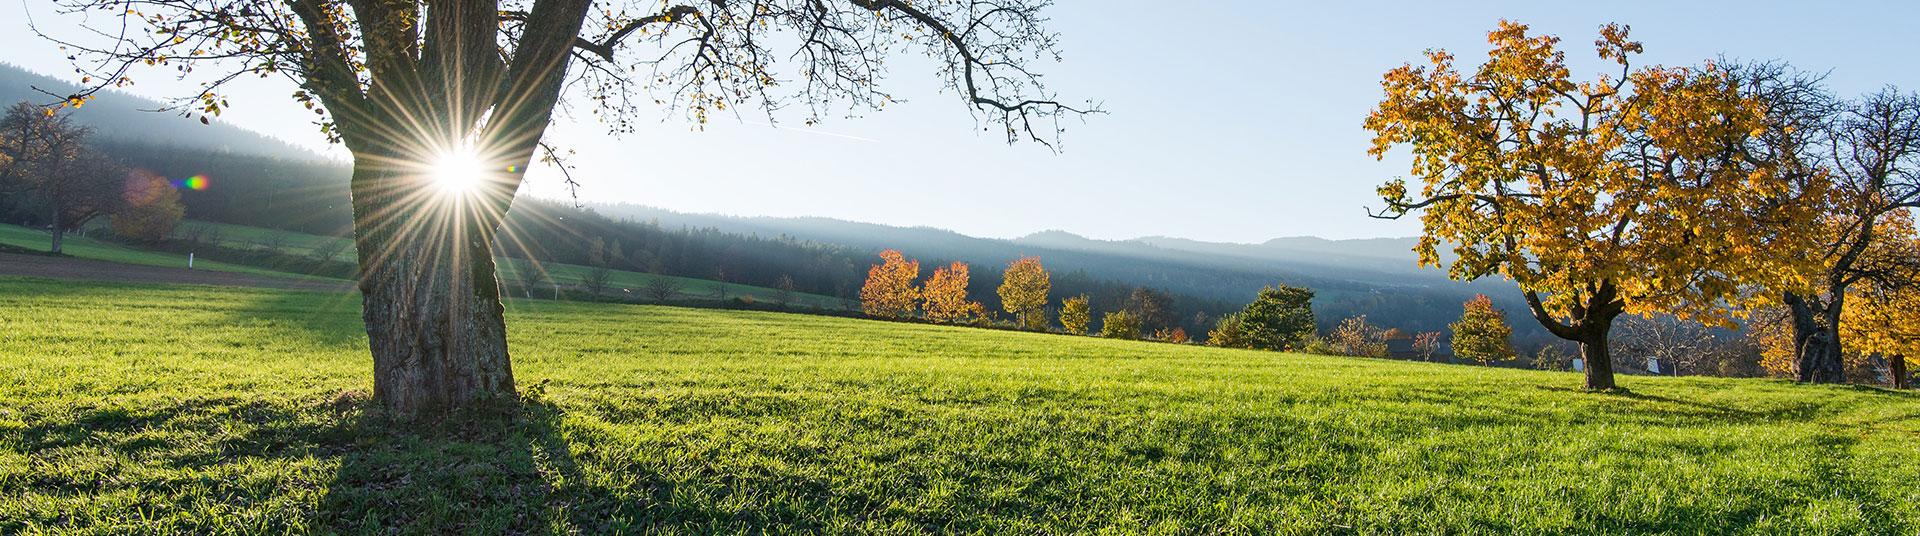 Hirschbirnen Herbst